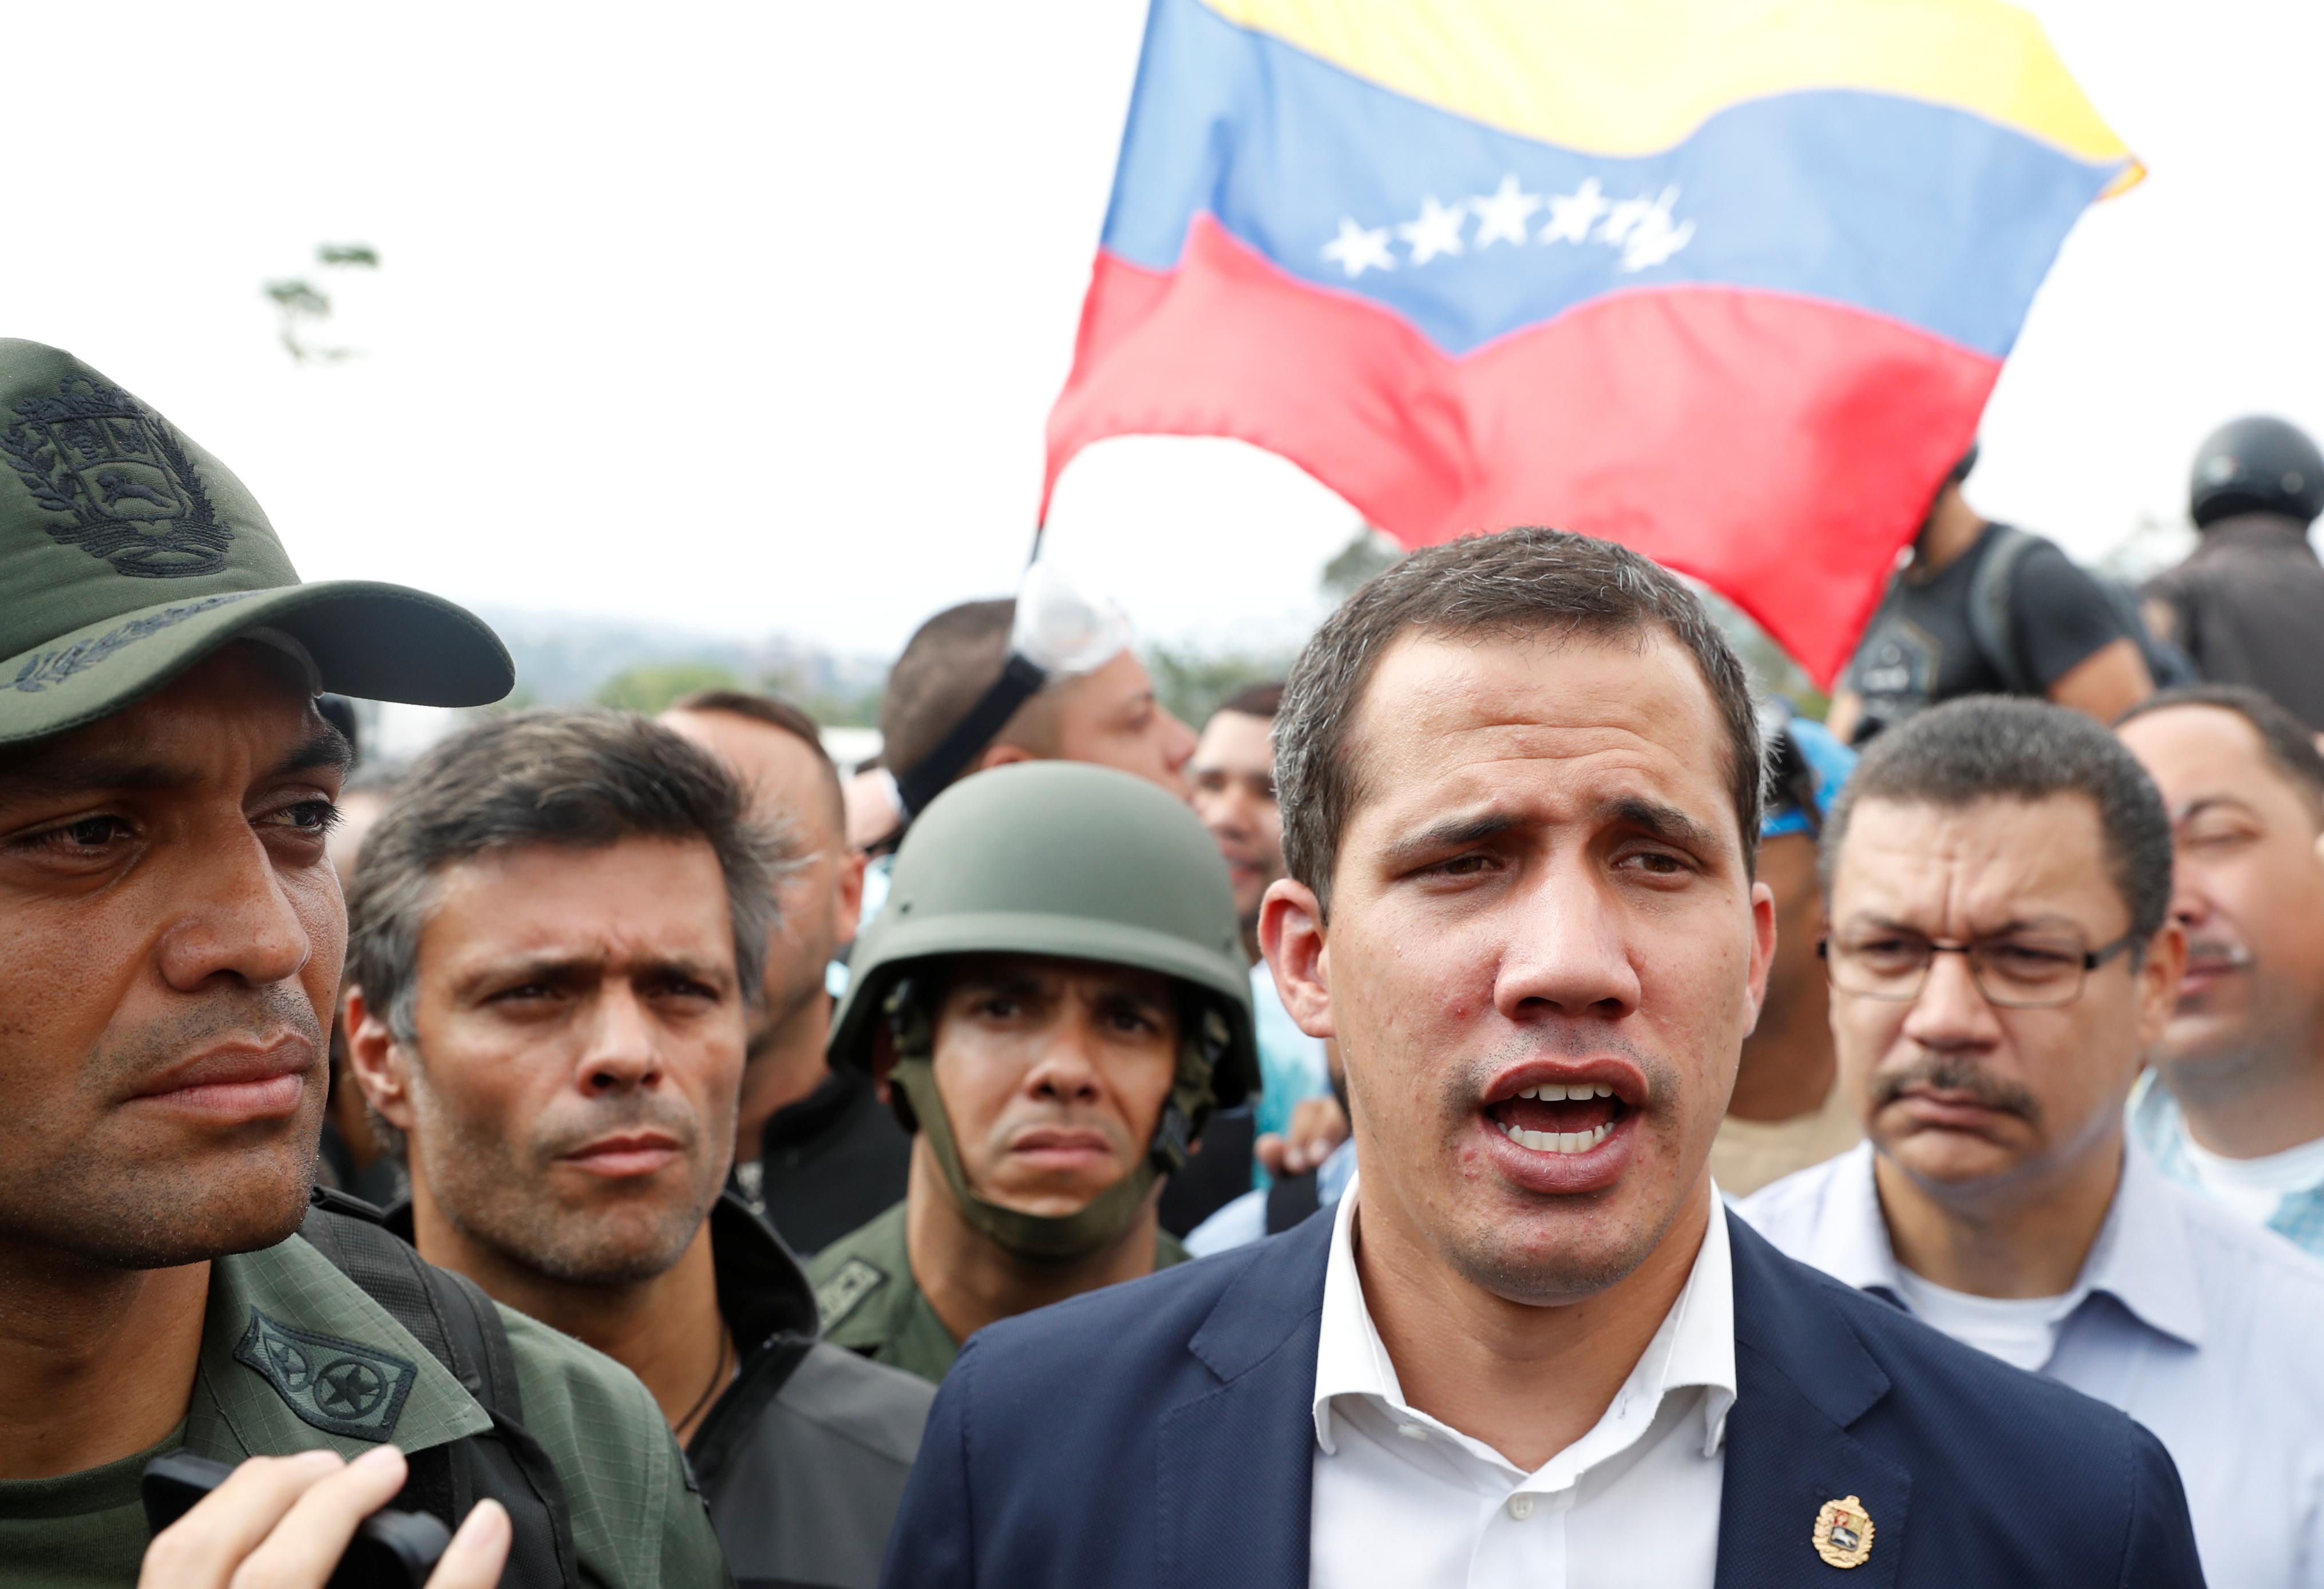 Impactante 98 De Venezolanos De Acuerdo Con El Movimiento De Este 30abr Twitterencuesta